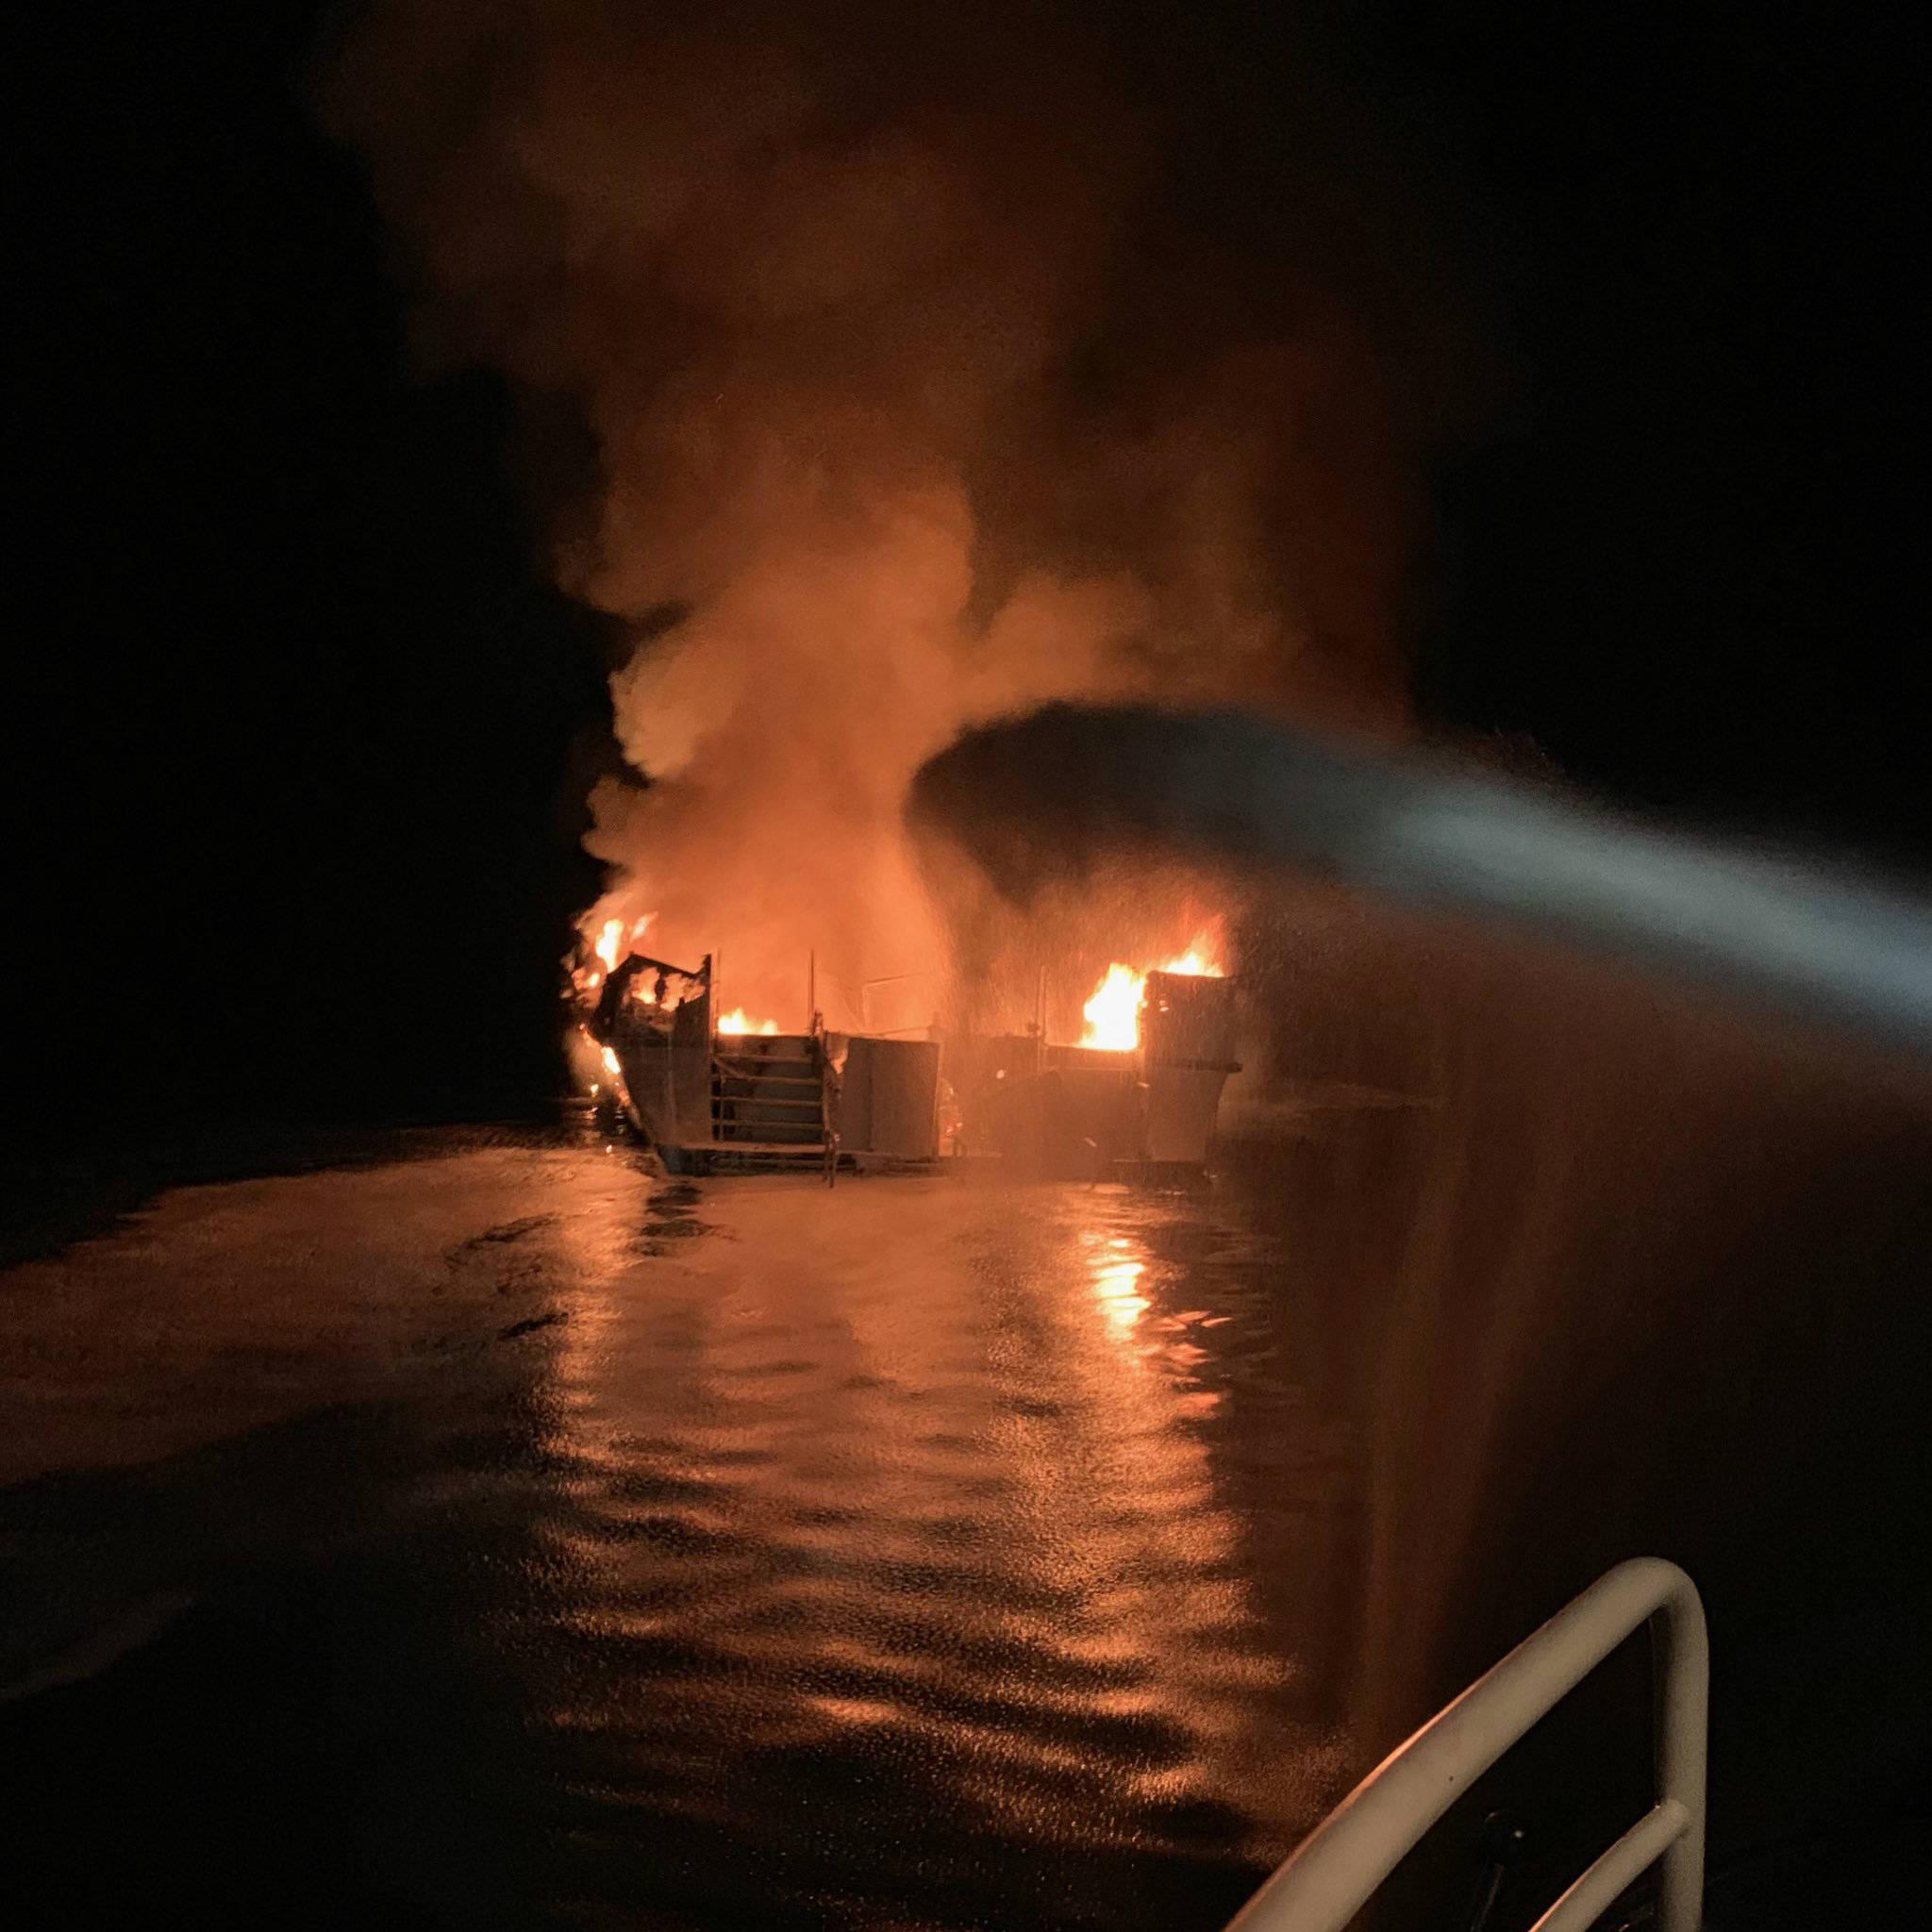 美国船只火灾是怎么回事?